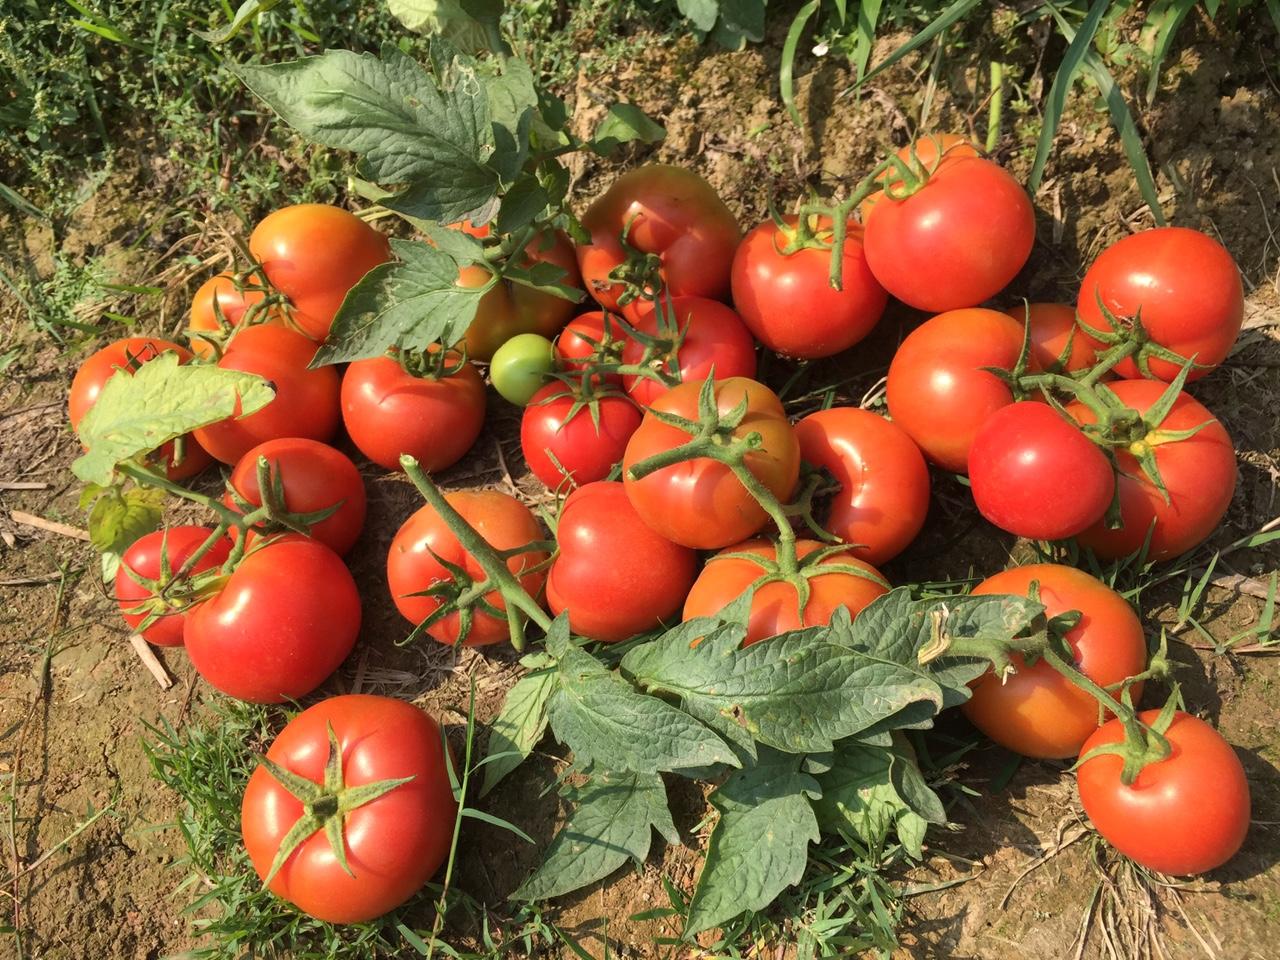 hạt giống cà chua  siêu chịu nhiệt, cà chua F1, thái lan, jupiter 9.0 - 6